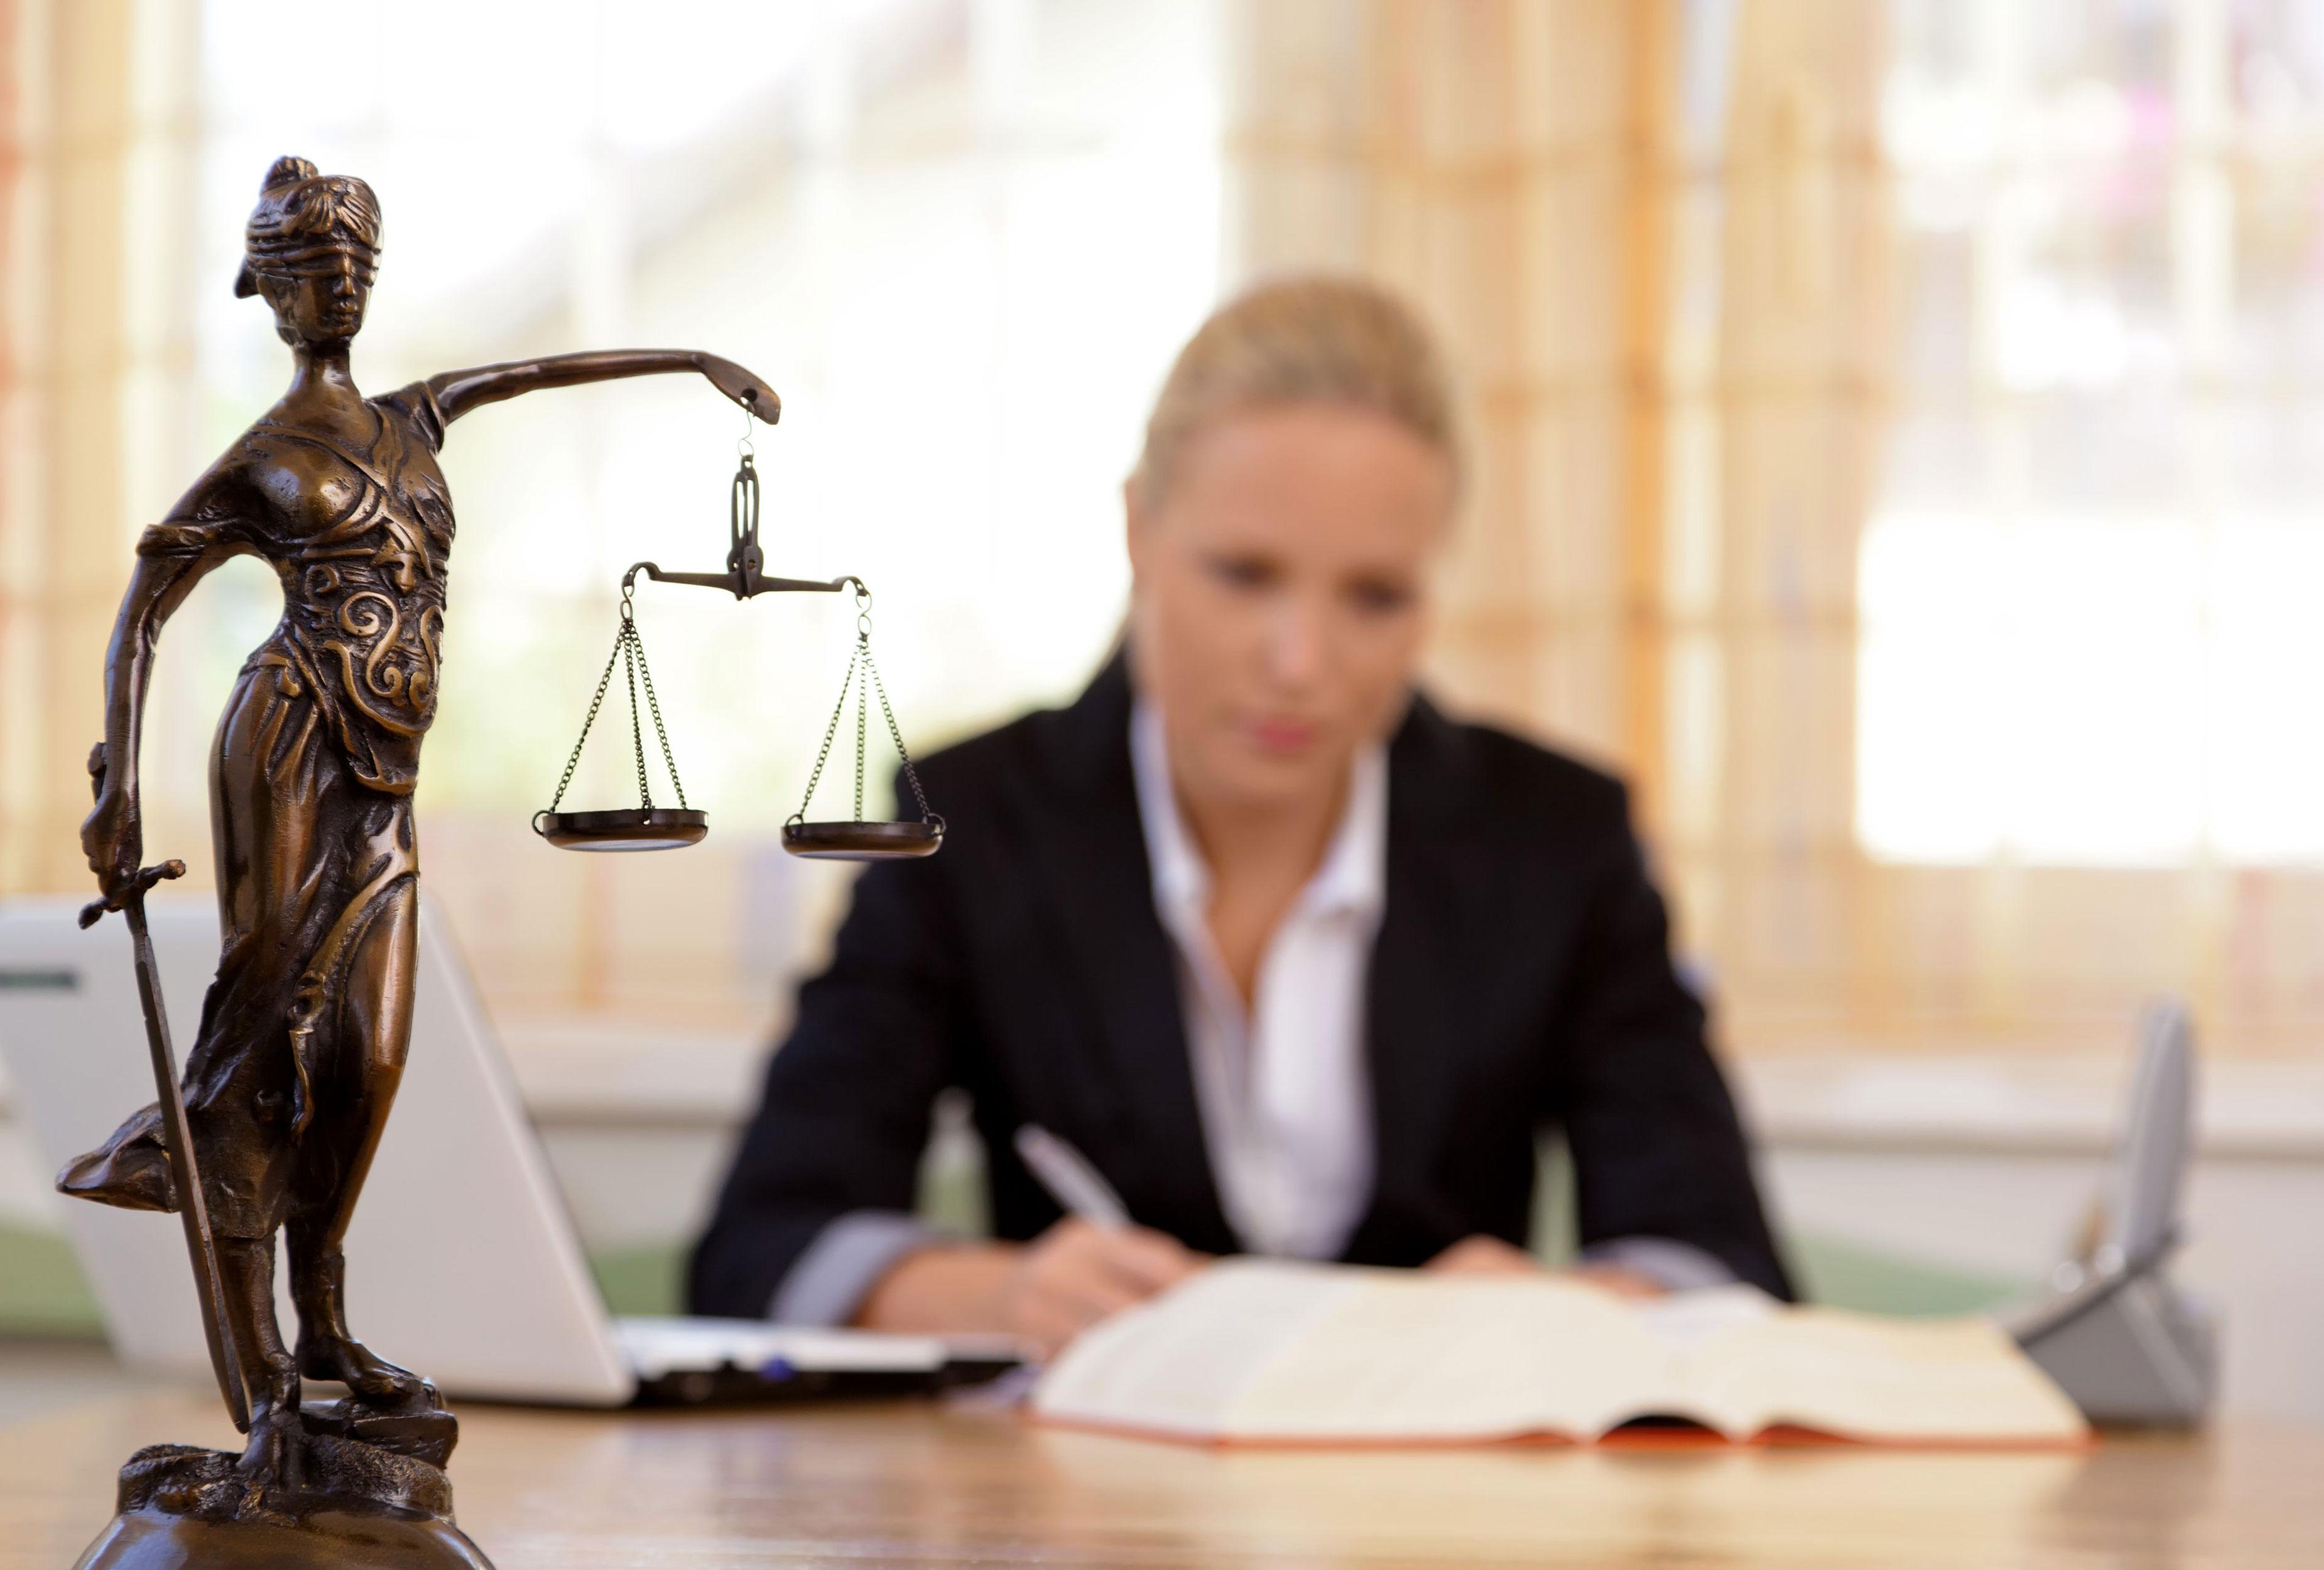 Anwältin am Schreibtisch mit Justitia-Statue im Vordergrund